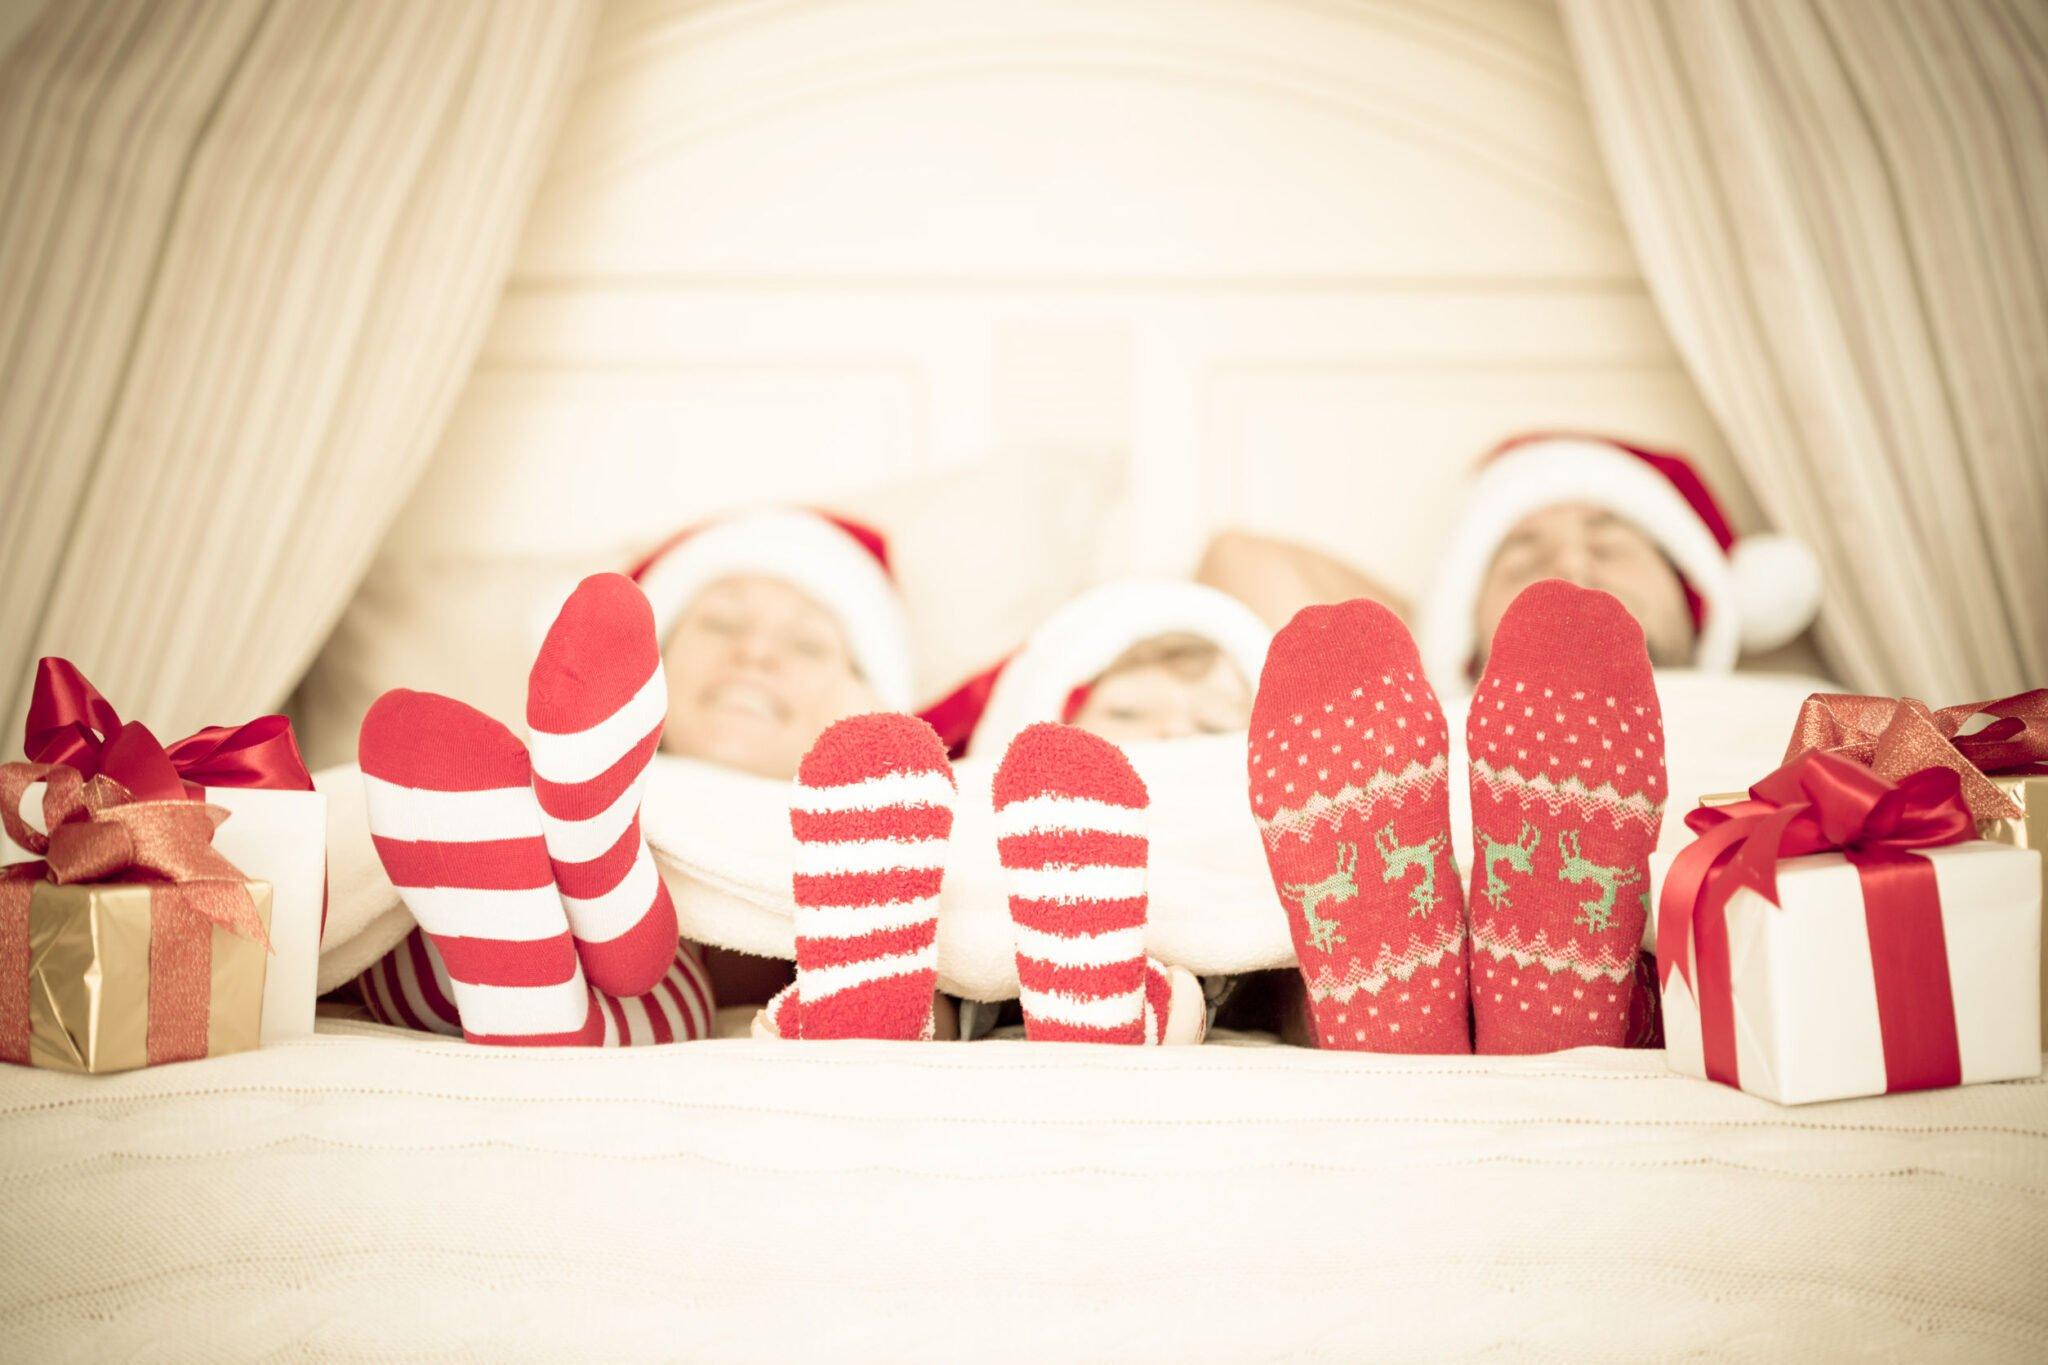 Derde Kerstdag; tips en activiteiten wat te doen met kinderen - Mamaliefde.nl